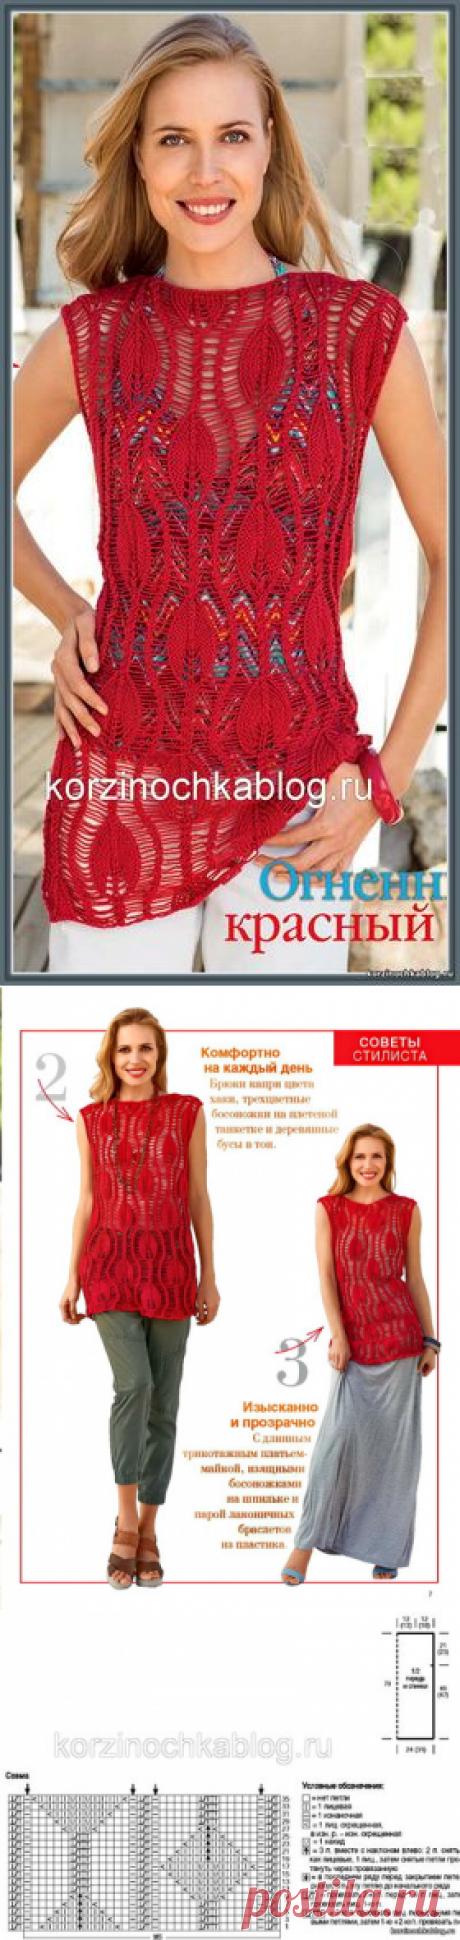 Огненно-красная вязаная спицами туника - 8 Марта 2017 - Вязание спицами, модели и схемы для вязания на спицах